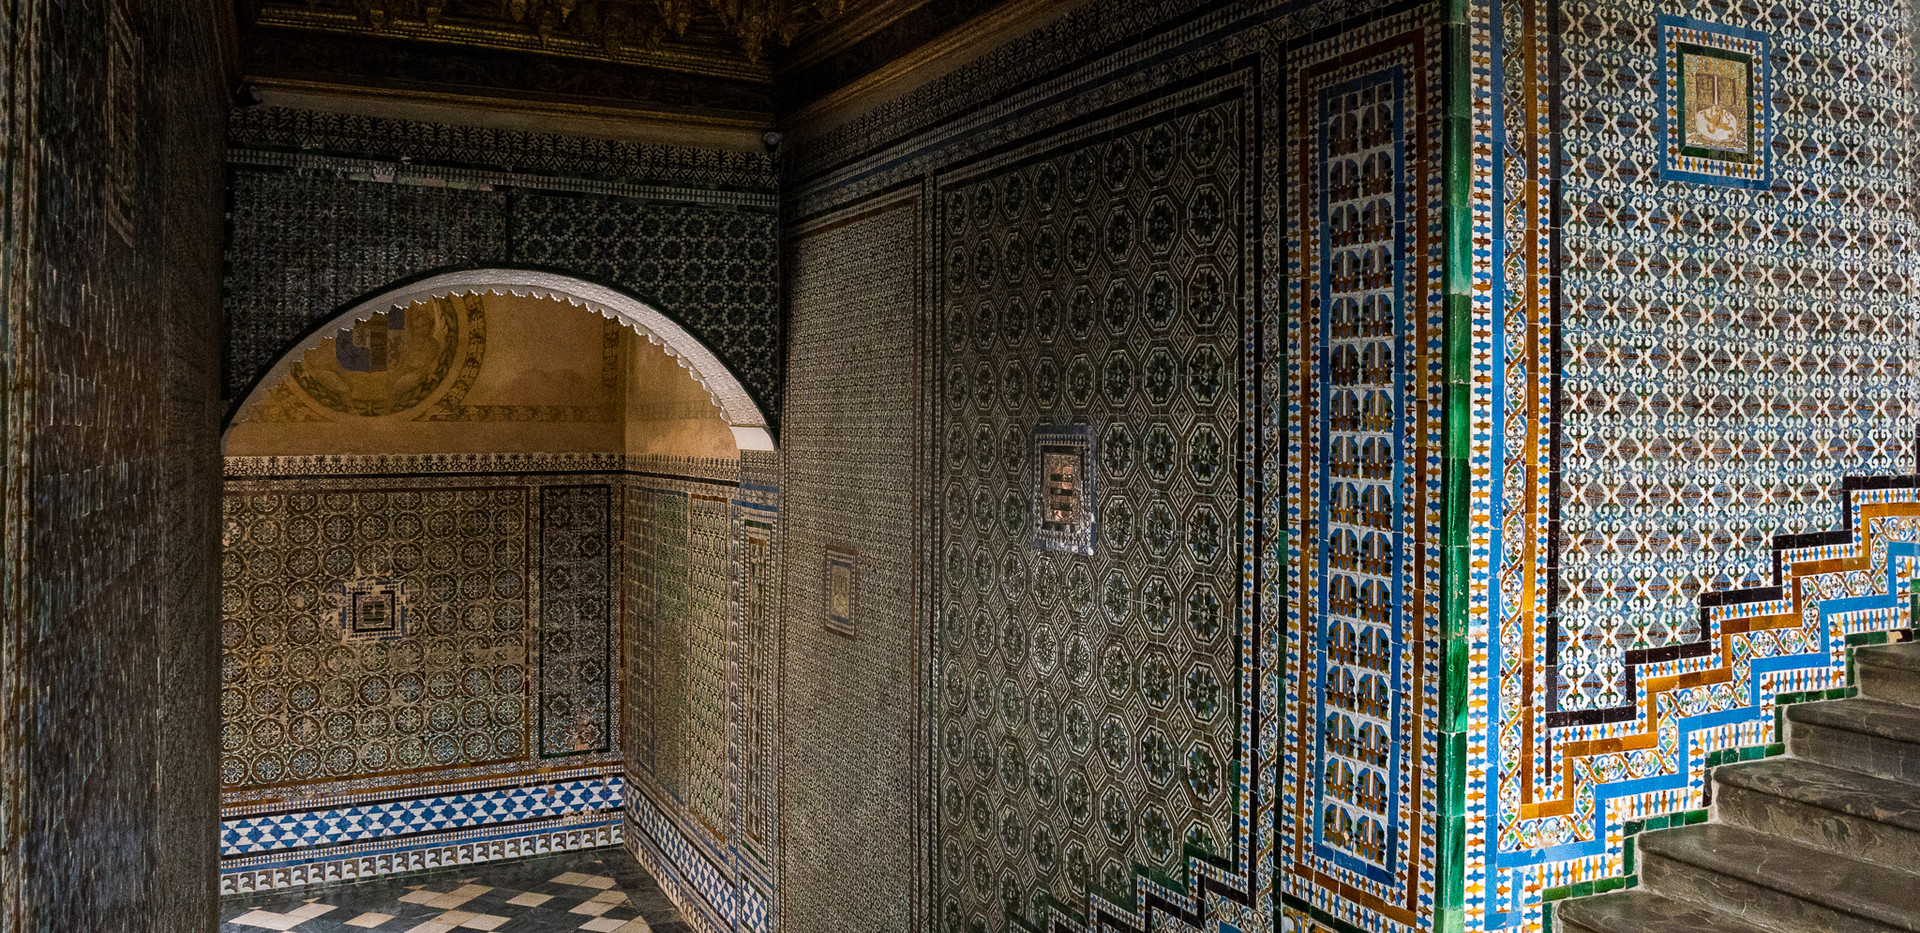 Seville-09.jpg